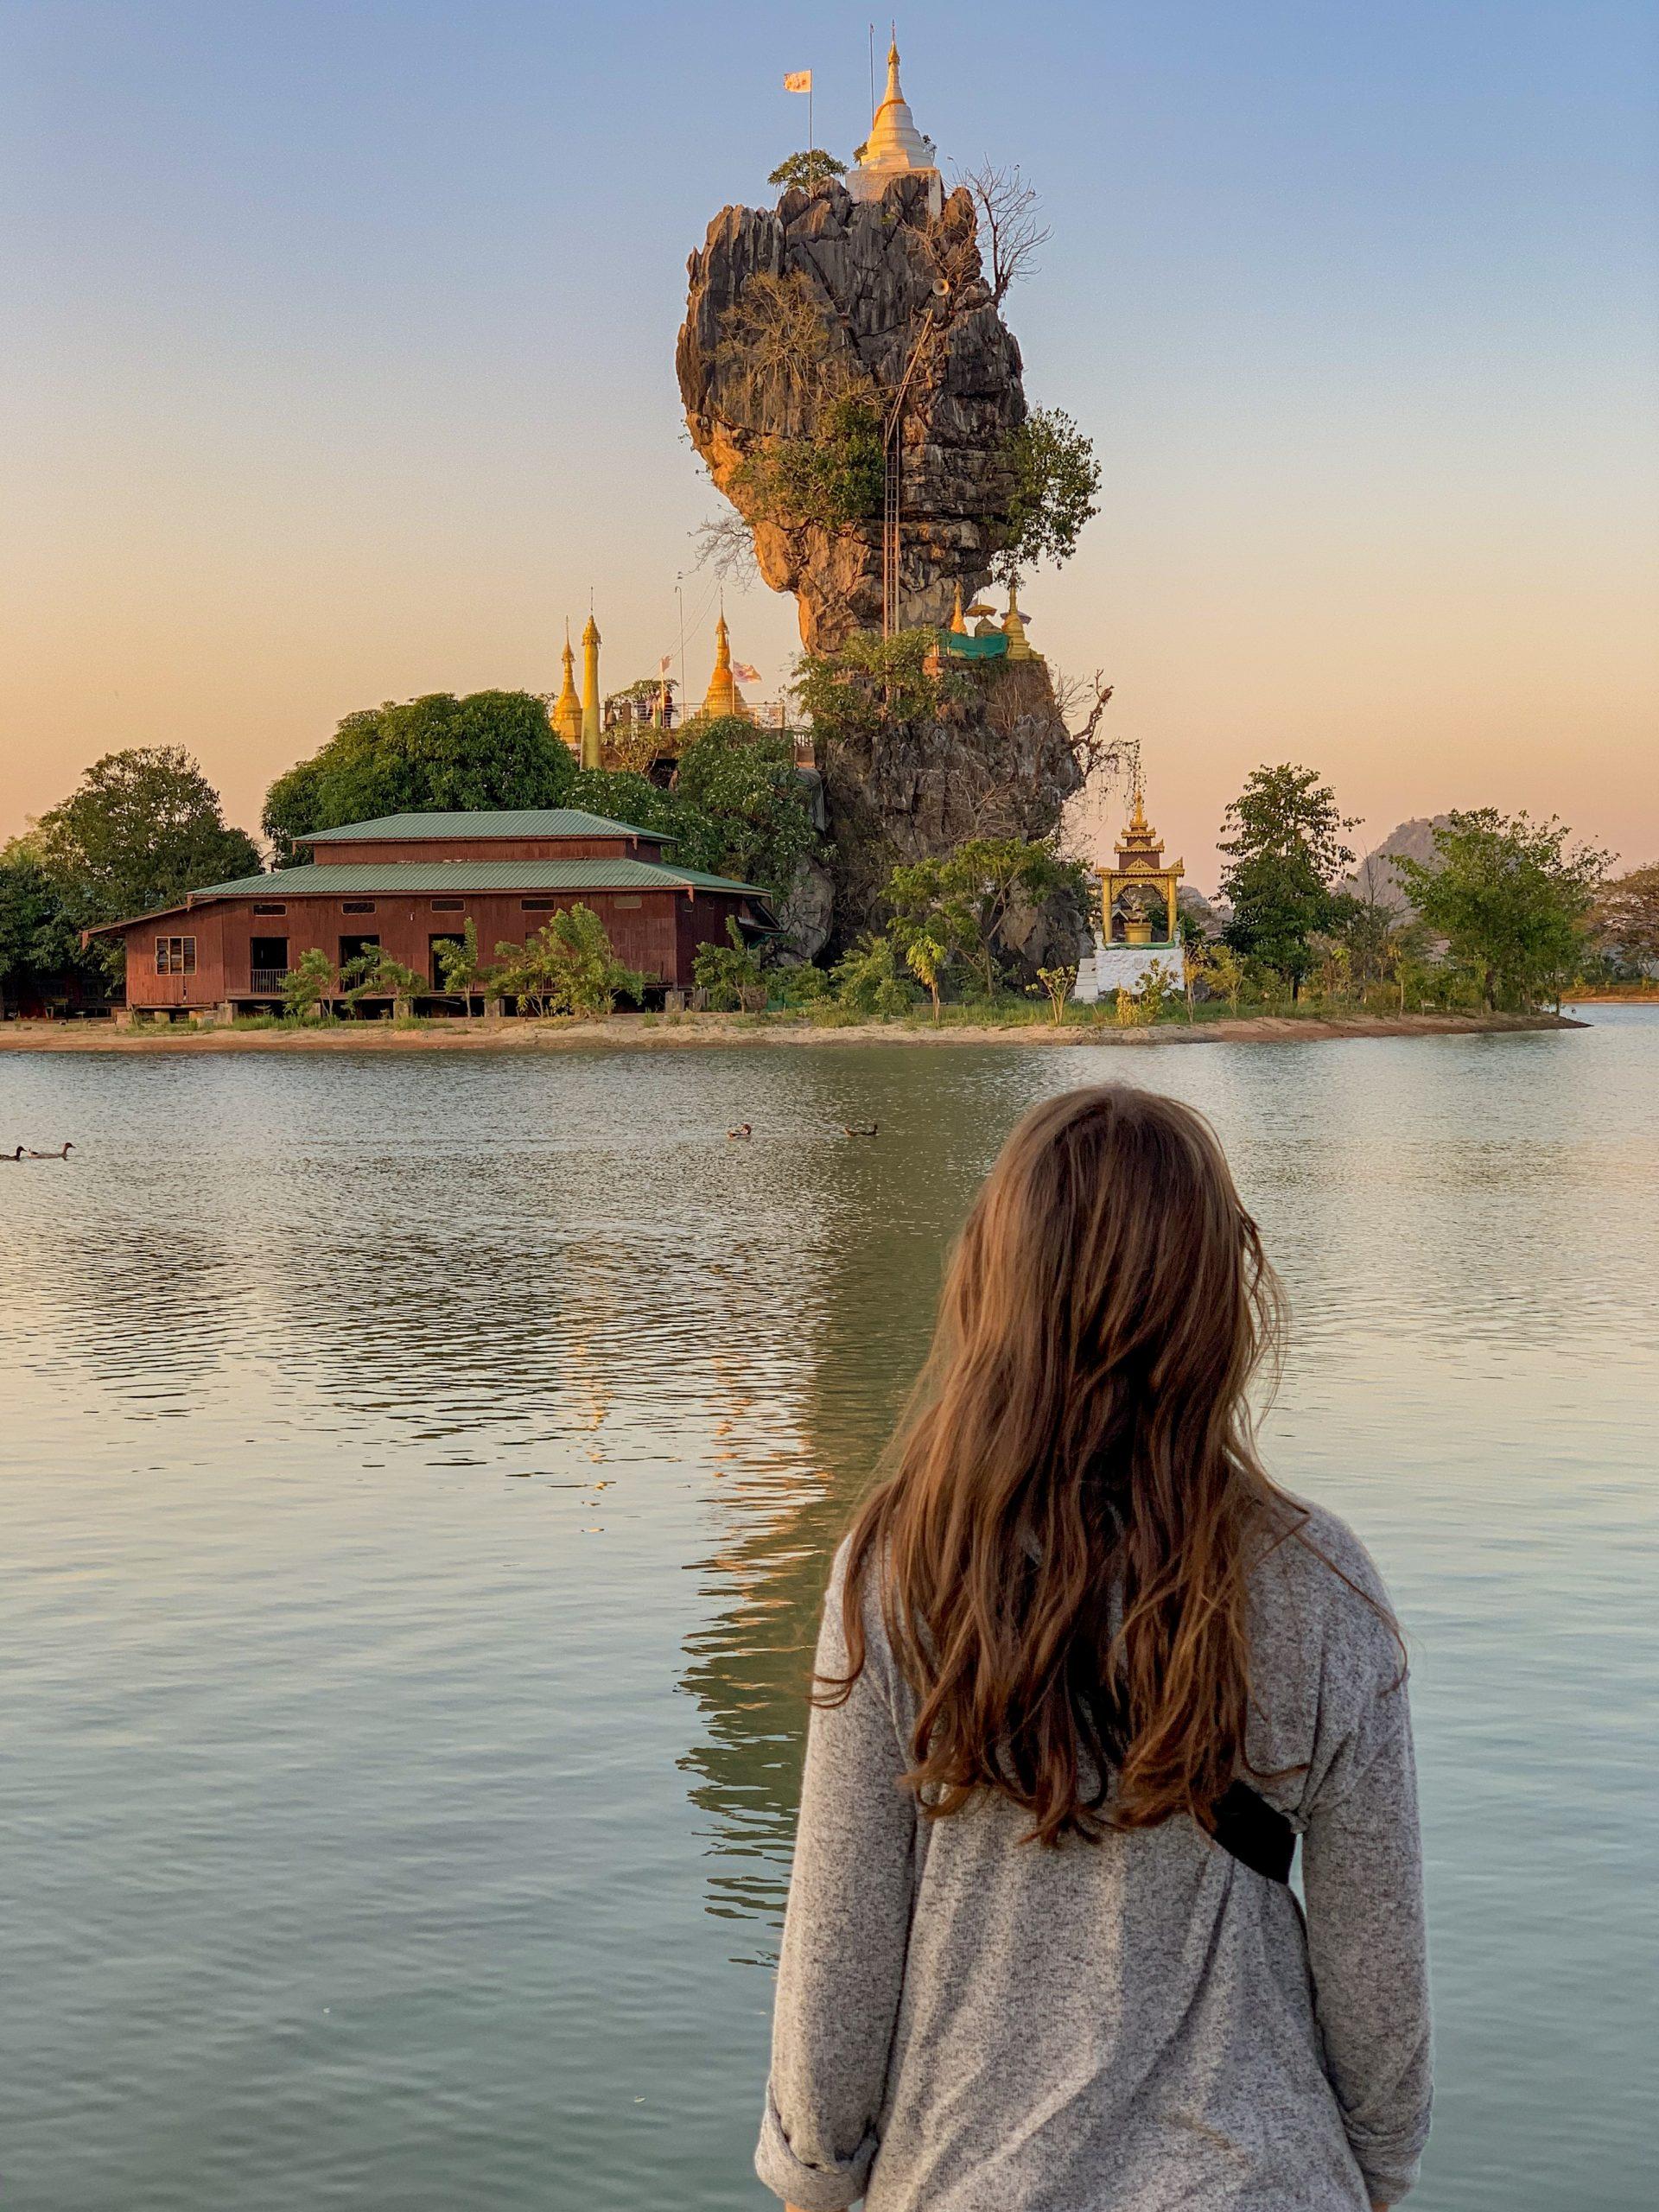 pagode kyauk alat hpa an